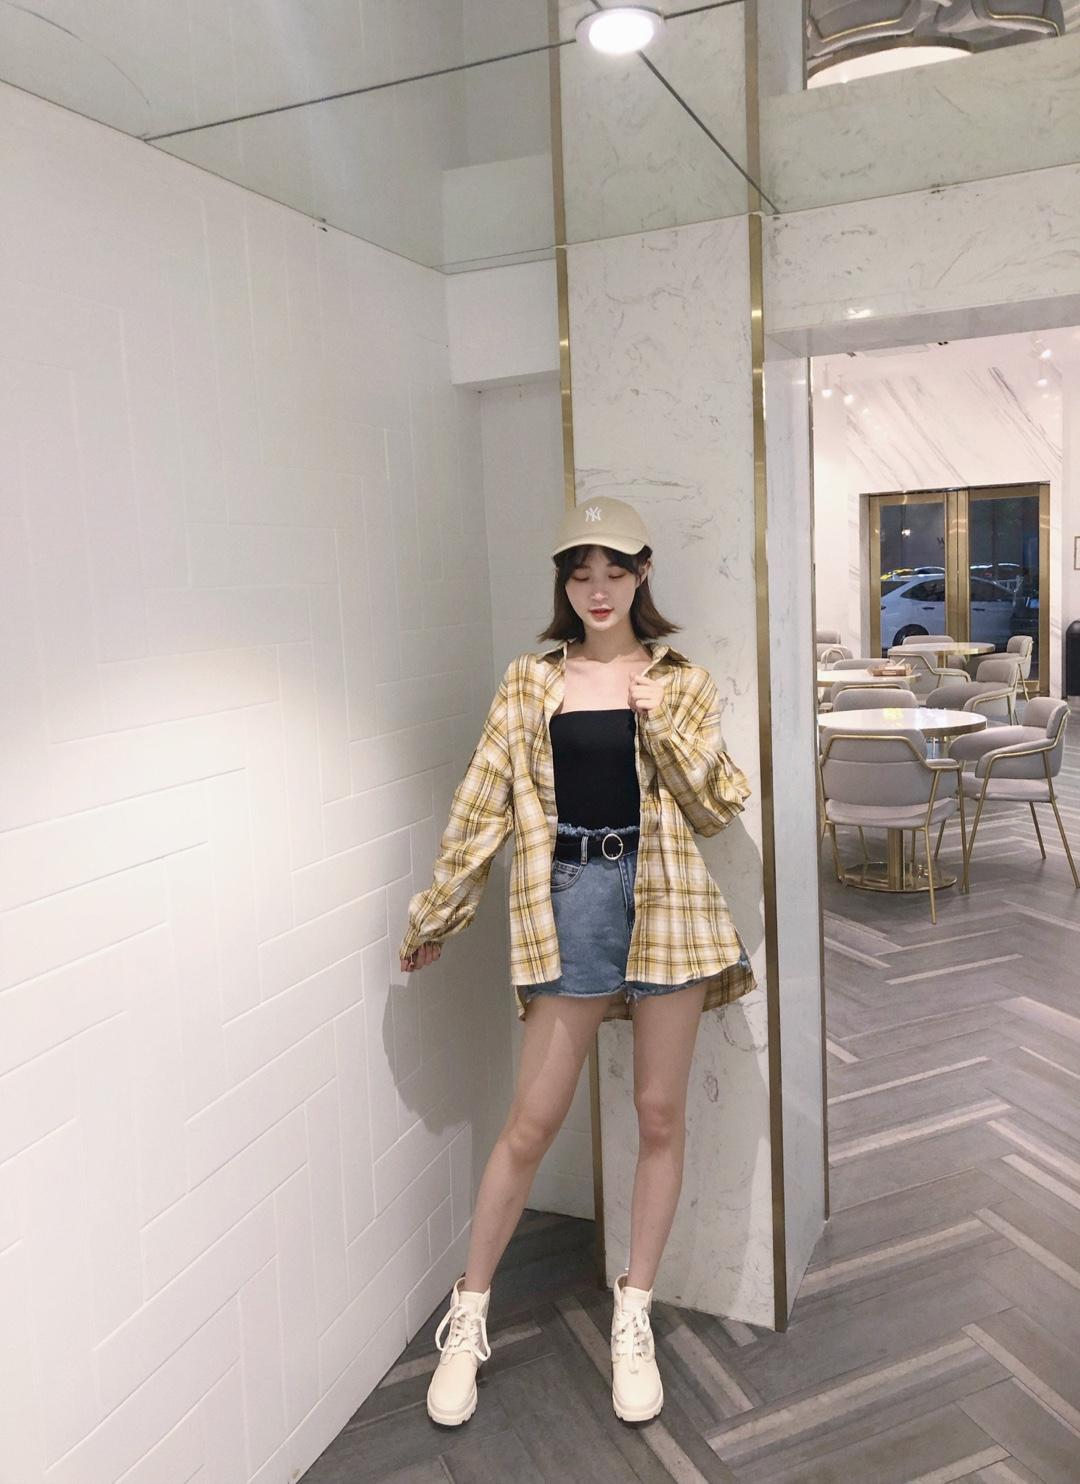 #初秋第一波韩系潮流,跟上!#格子外套是初秋必备的呀 可以当防晒用 是休闲风的赶脚~